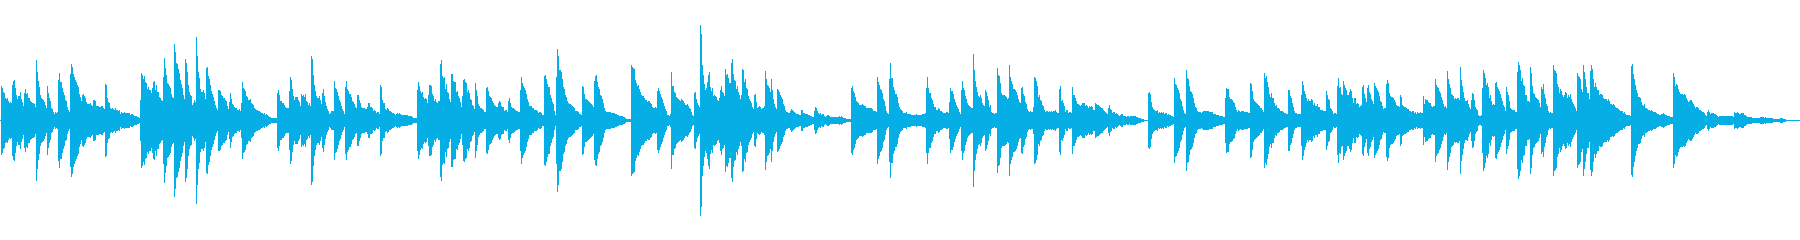 はかなく情感的な3拍子のピアノの再生済みの波形